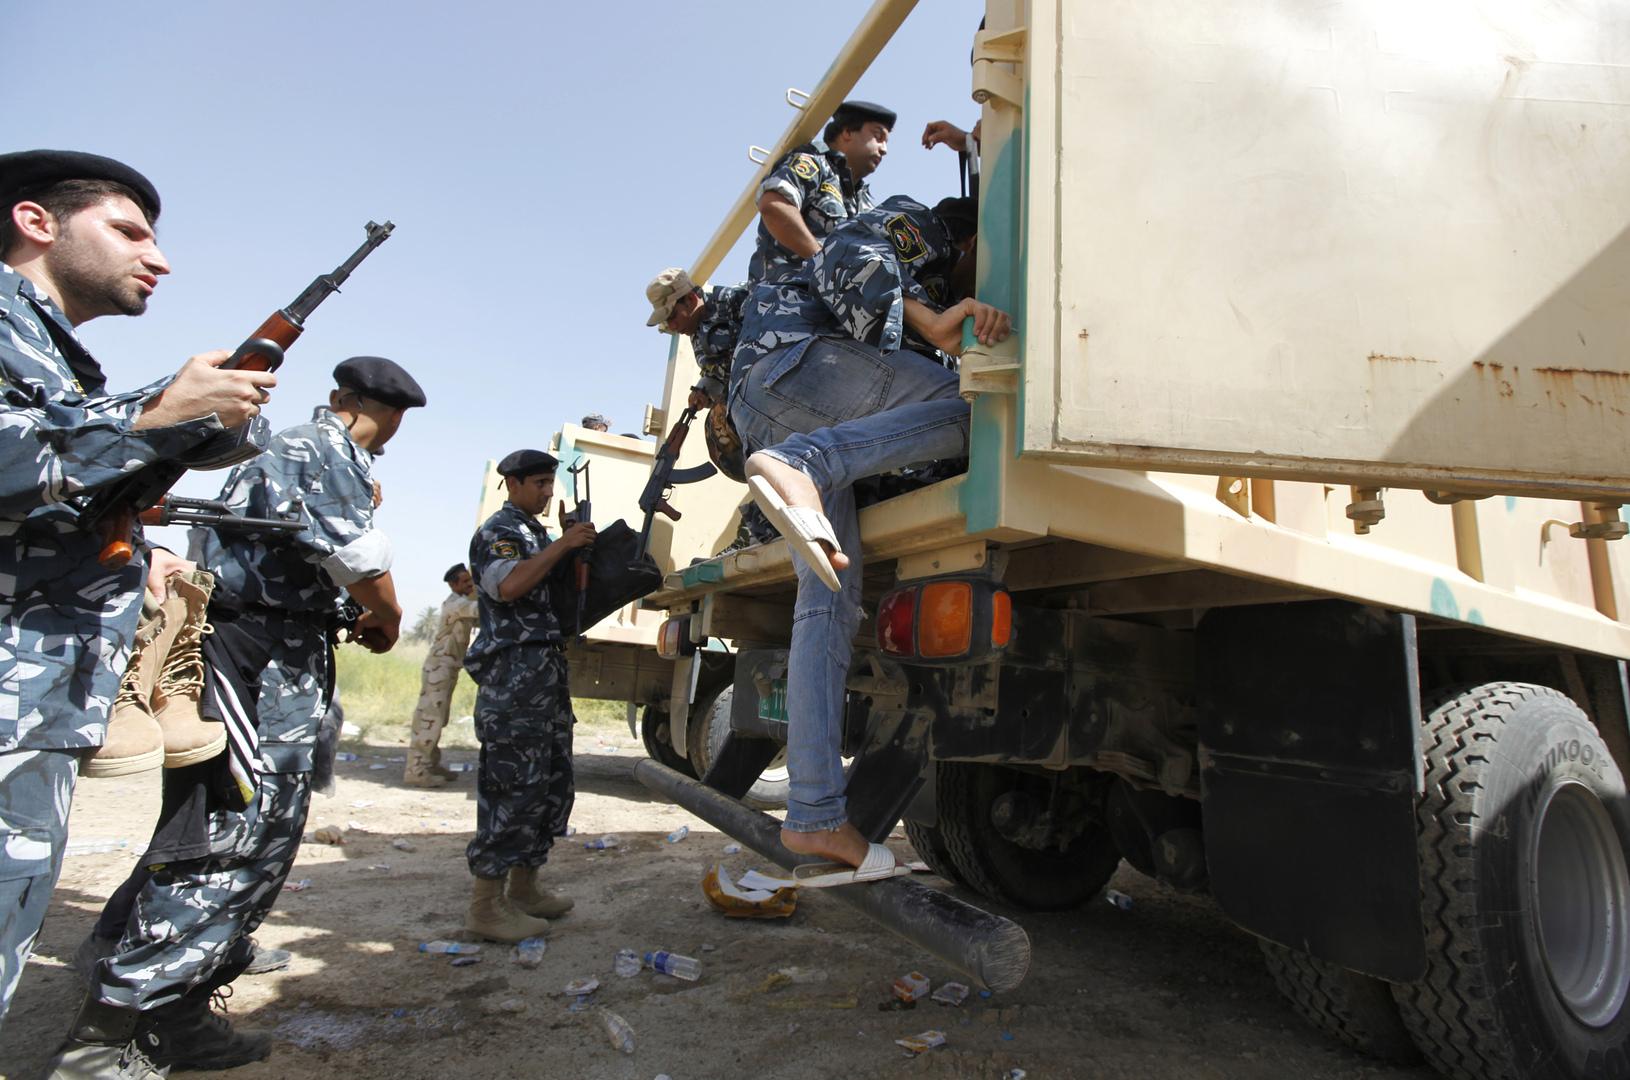 العراق.. السجن 15 سنة لمدان بالعمل مع تنظيم